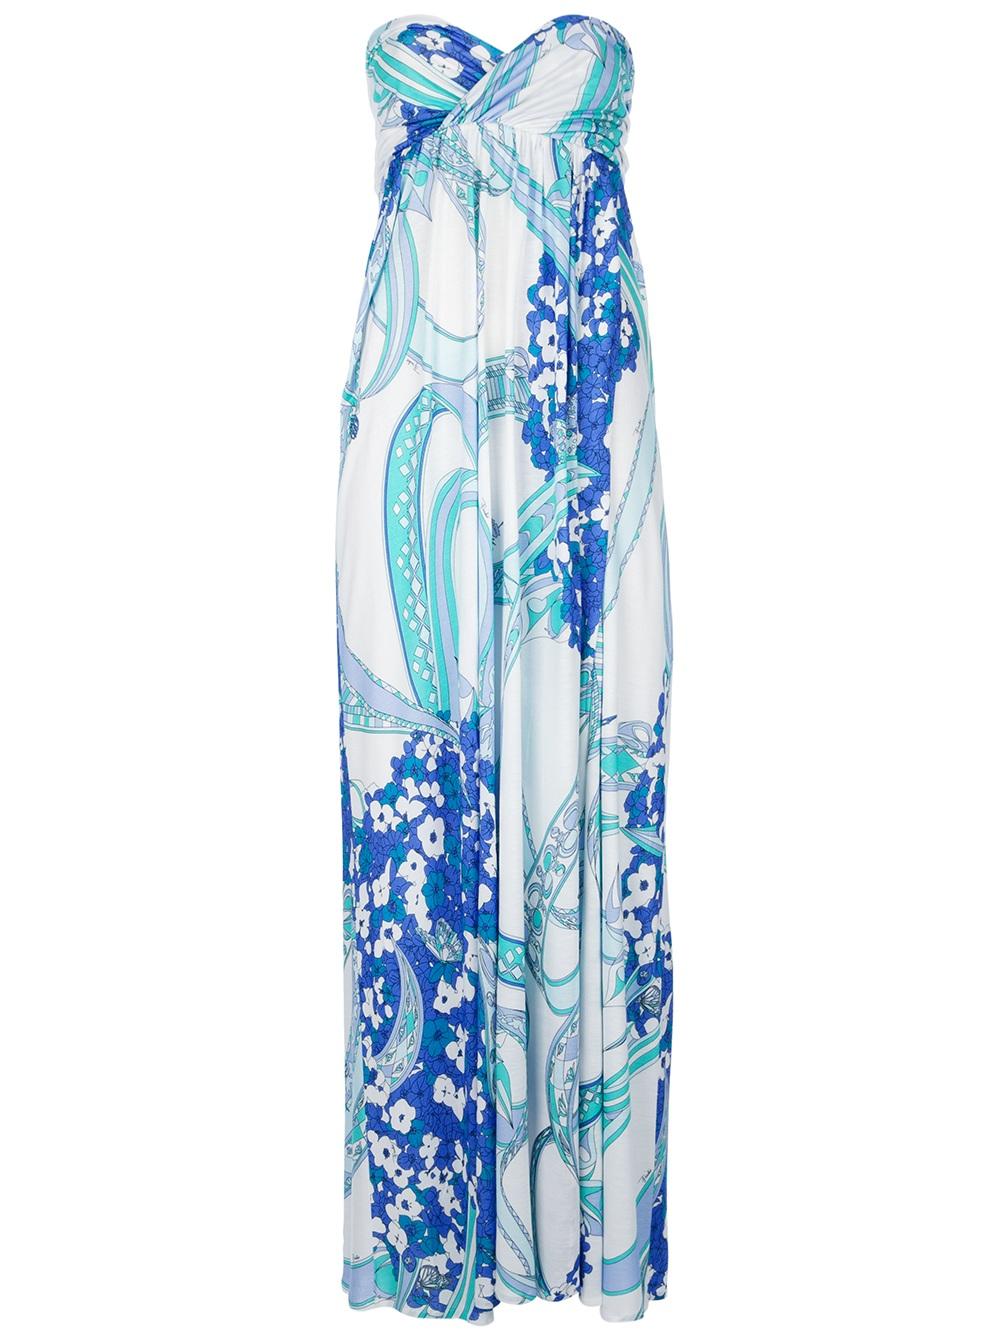 04d77e2112957 Emilio Pucci Strapless Maxi Dress in Blue - Lyst